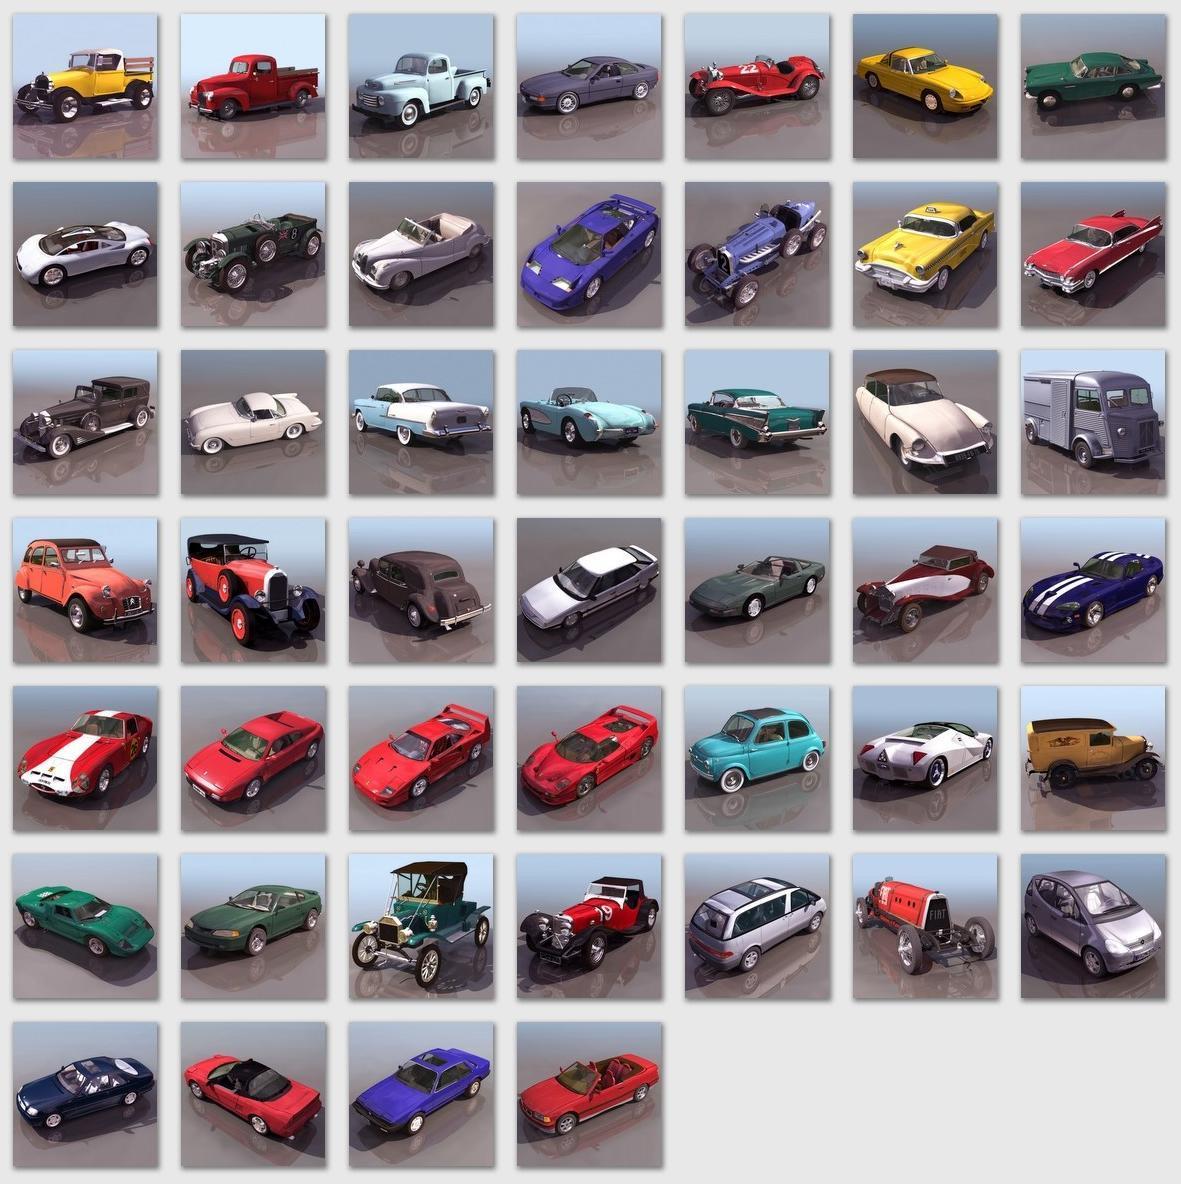 Trocas De Venta En Dallas Texas >> Carros De Venta En Dallas Tx | Autos Post